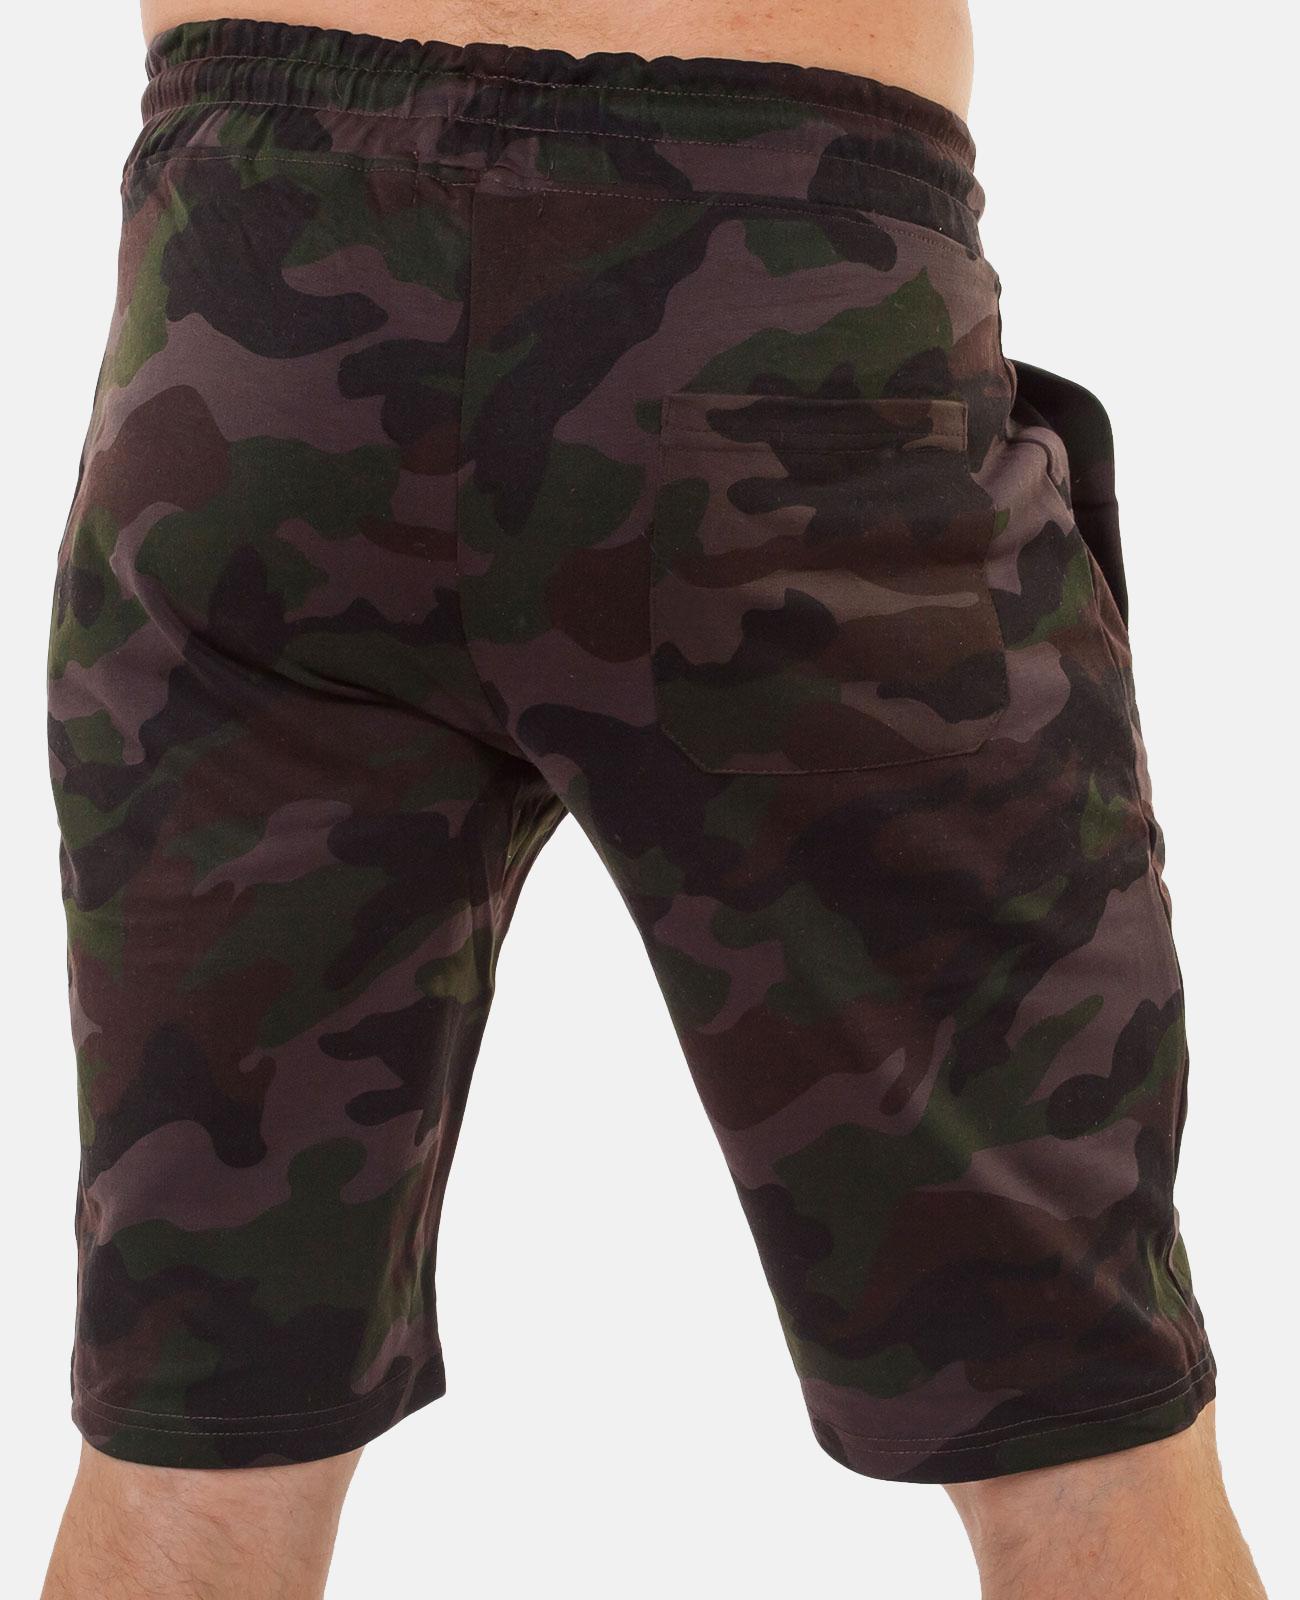 Камуфляжные мужские шорты с нашивкой РВСН - купить выгодно